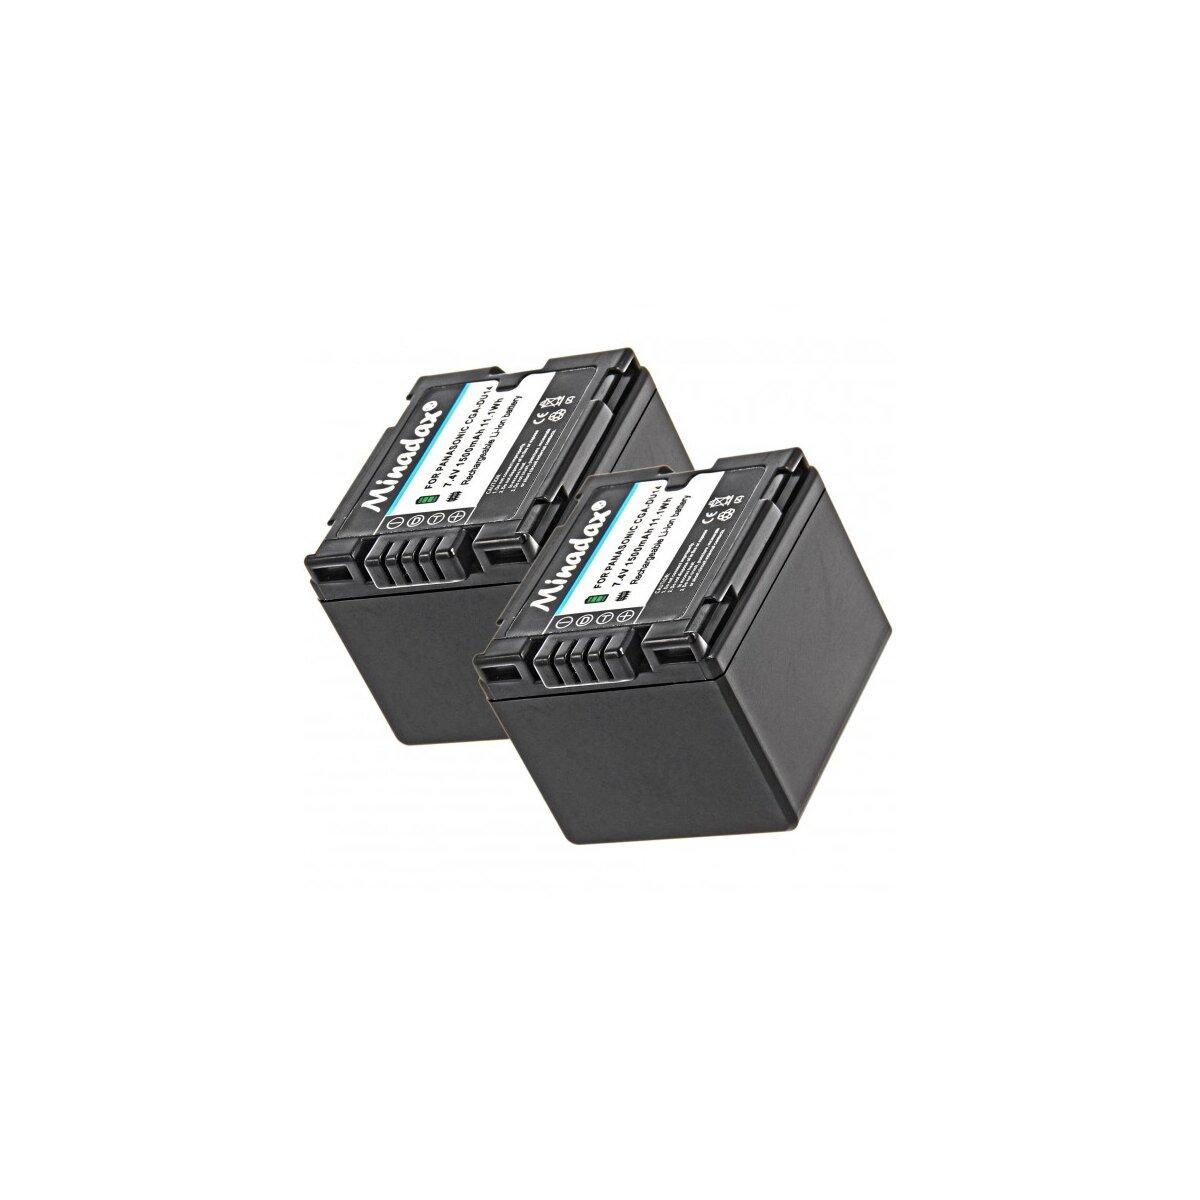 2x Minadax® Qualitaetsakku mit echten 1500 mAh fuer Panasonic NV-GS10 GS150 GS180 GS200 GS22 GS230 GS25 GS250 GS27 GS35 GS60 GS75, wie CGA-DU14 - Intelligentes Akkusystem mit Chip